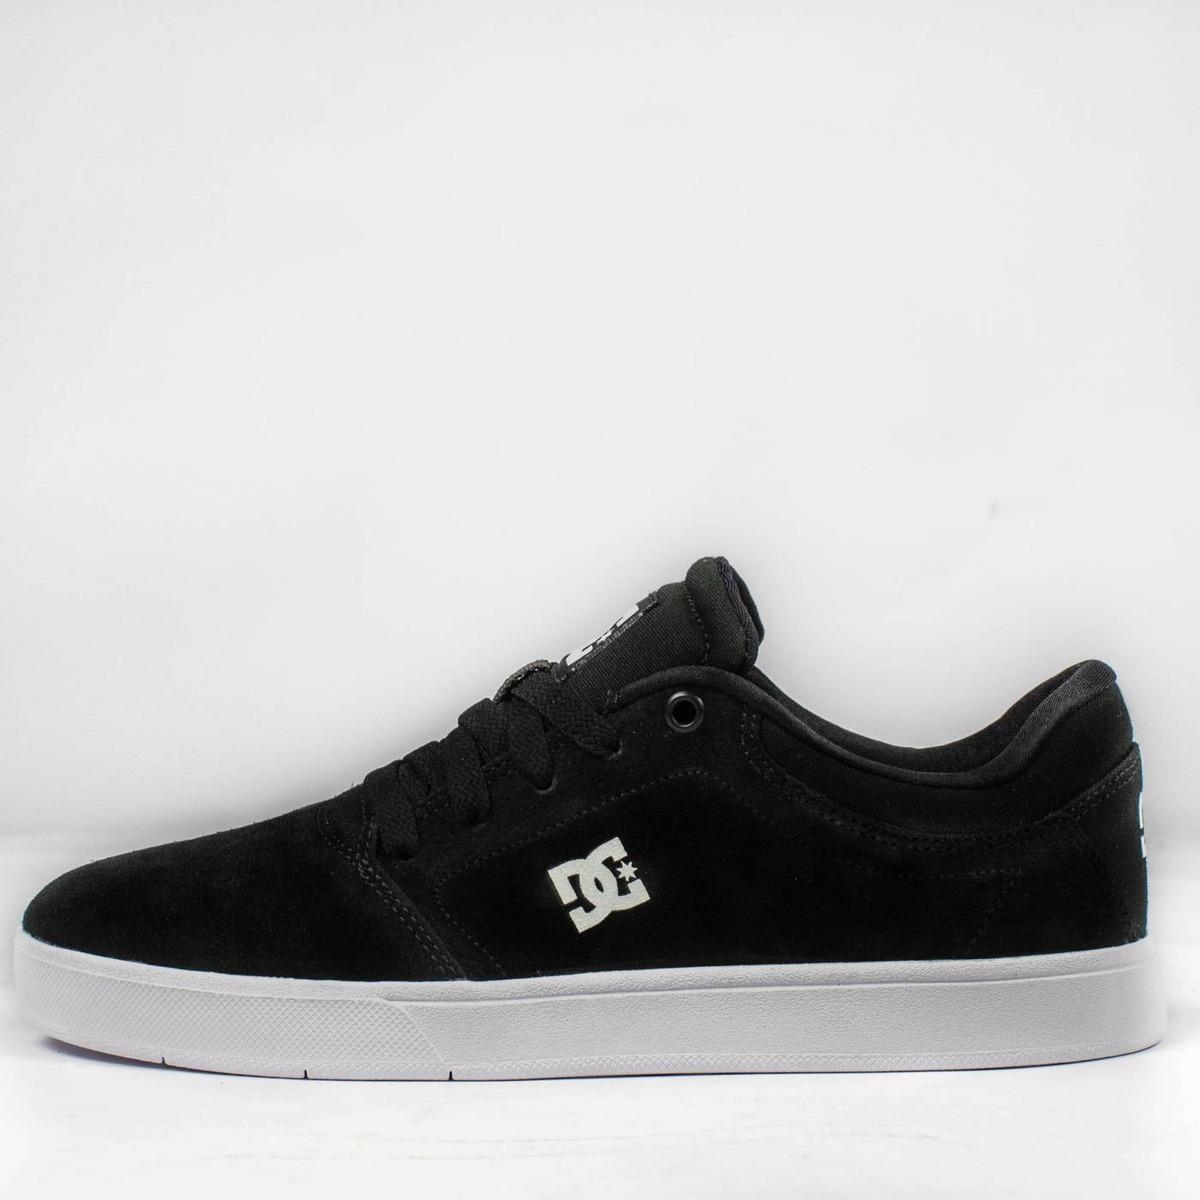 b8b5b8de7779e tênis dc shoes crisis la preto branco original frete grátis. Carregando zoom .